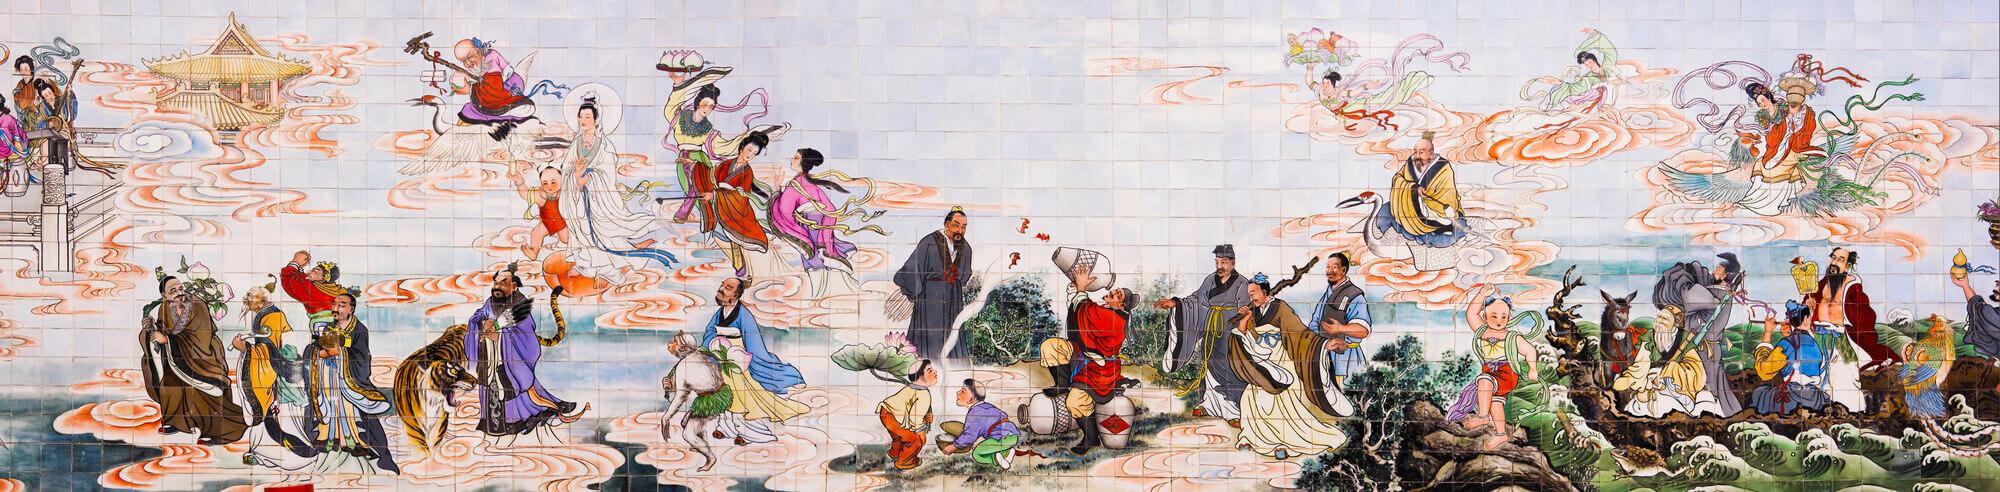 Saiba mais sobre a mitologia na cultura chinesa